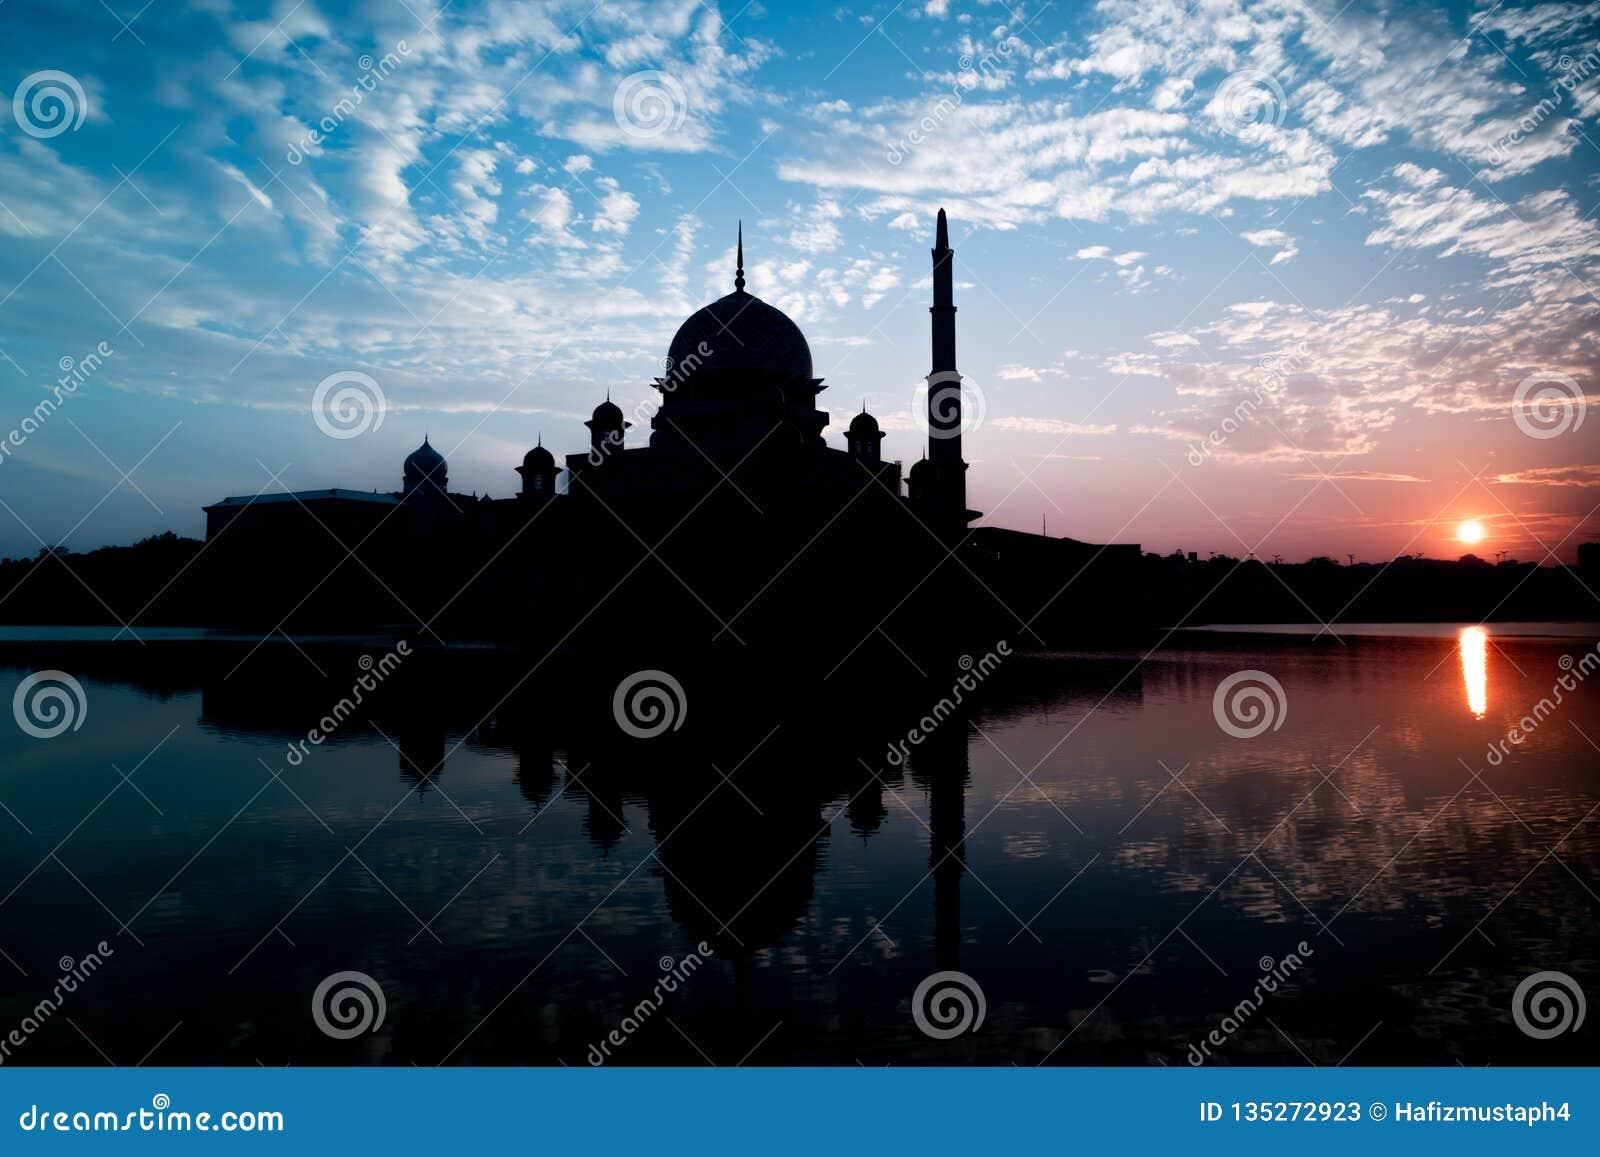 Silhouette de mosquée de Putra pendant le lever de soleil avec la réflexion dans le lac